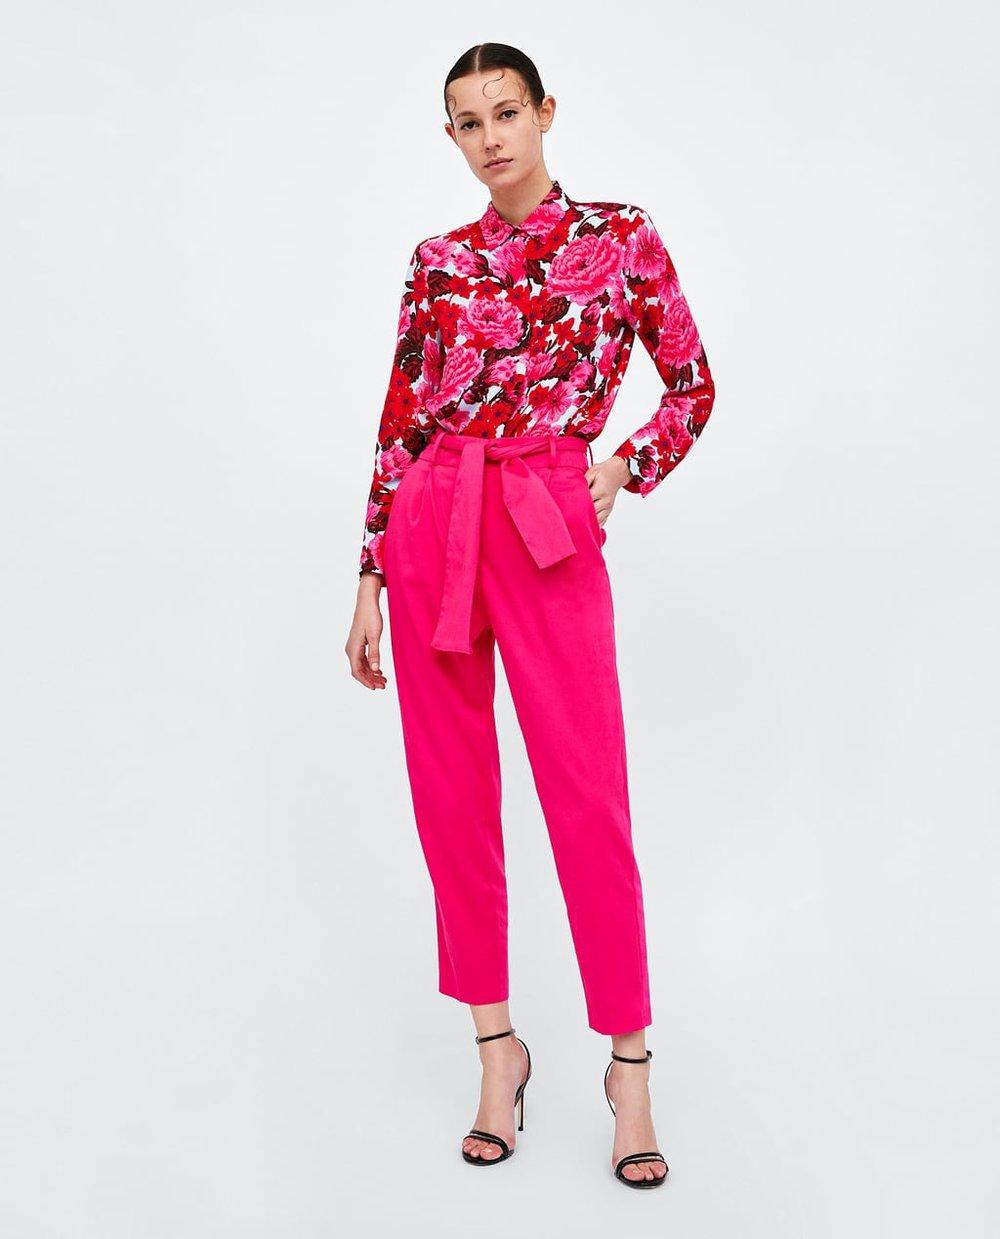 2. Le pantalon fuchsia de Zara a non seulement la couleur parfaite pour créer un ensemble coloré mais il a également une coupe que j'adore porter autant au travail que pour une soirée cocktail. - Zara, www.zara.com